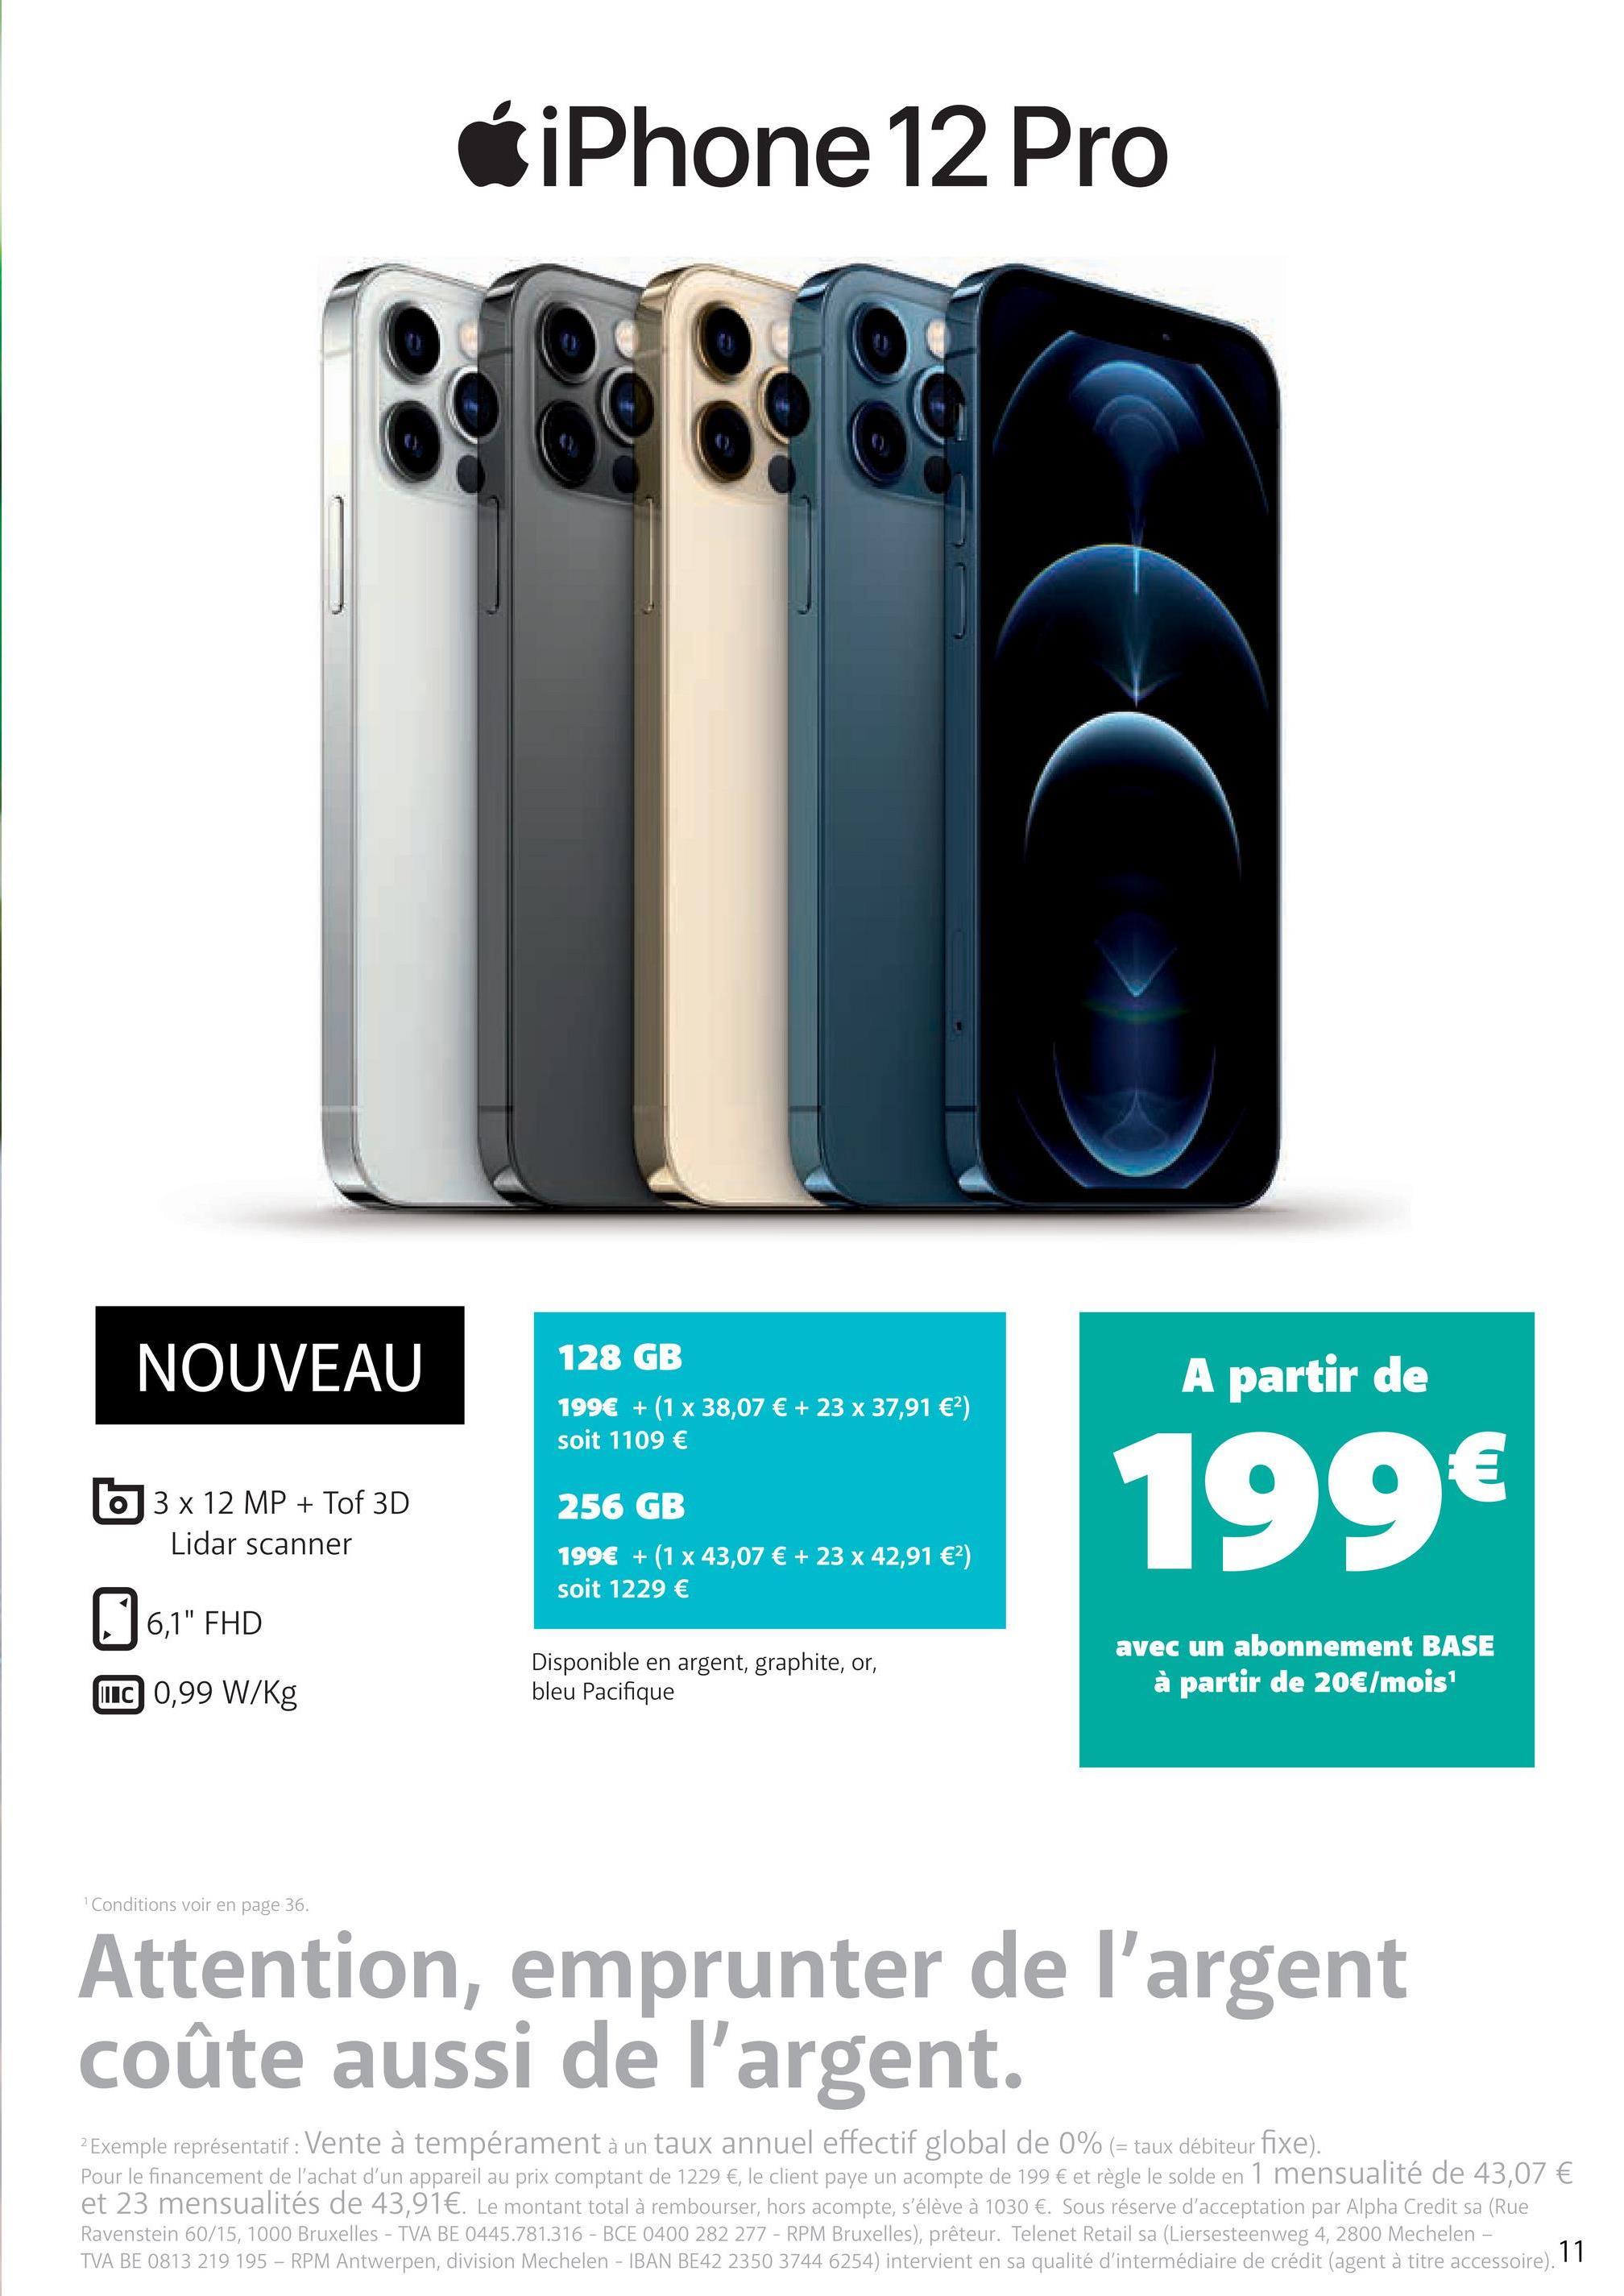 """iPhone 12 Pro BOBO NOUVEAU 128 GB 199€ + (1 x 38,07 € + 23 x 37,91 €2) soit 1109 € A partir de € 256 GB 0 3 x 12 MP + Tof 3D Lidar scanner 199€ 199€ + (1 x 43,07 € + 23 x 42,91 €) soit 1229 € 0 6,1"""" FHD avec un abonnement BASE à partir de 20€/mois Disponible en argent, graphite, or, bleu Pacifique UIC 0,99 W/kg Conditions voir en page 36. Attention, emprunter de l'argent coûte aussi de l'argent. 2 Exemple représentatif : Vente à tempérament à un taux annuel effectif global de 0% (= taux débiteur fixe). Pour le financement de l'achat d'un appareil au prix comptant de 1229 €, le client paye un acompte de 199 € et règle le solde en 1 mensualité de 43,07 € et 23 mensualités de 43,91€. Le montant total à rembourser, hors acompte, s'élève à 1030 €. Sous réserve d'acceptation par Alpha Credit sa (Rue Ravenstein 60/15, 1000 Bruxelles - TVA BE 0445.781.316 - BCE 0400 282 277 - RPM Bruxelles), prêteur. Telenet Retail sa (Liersesteenweg 4, 2800 Mechelen - TVA BE 0813 219 195 - RPM Antwerpen, division Mechelen - IBAN BE42 2350 3744 6254) intervient en sa qualité d'intermédiaire de crédit (agent à titre accessoire). 11"""